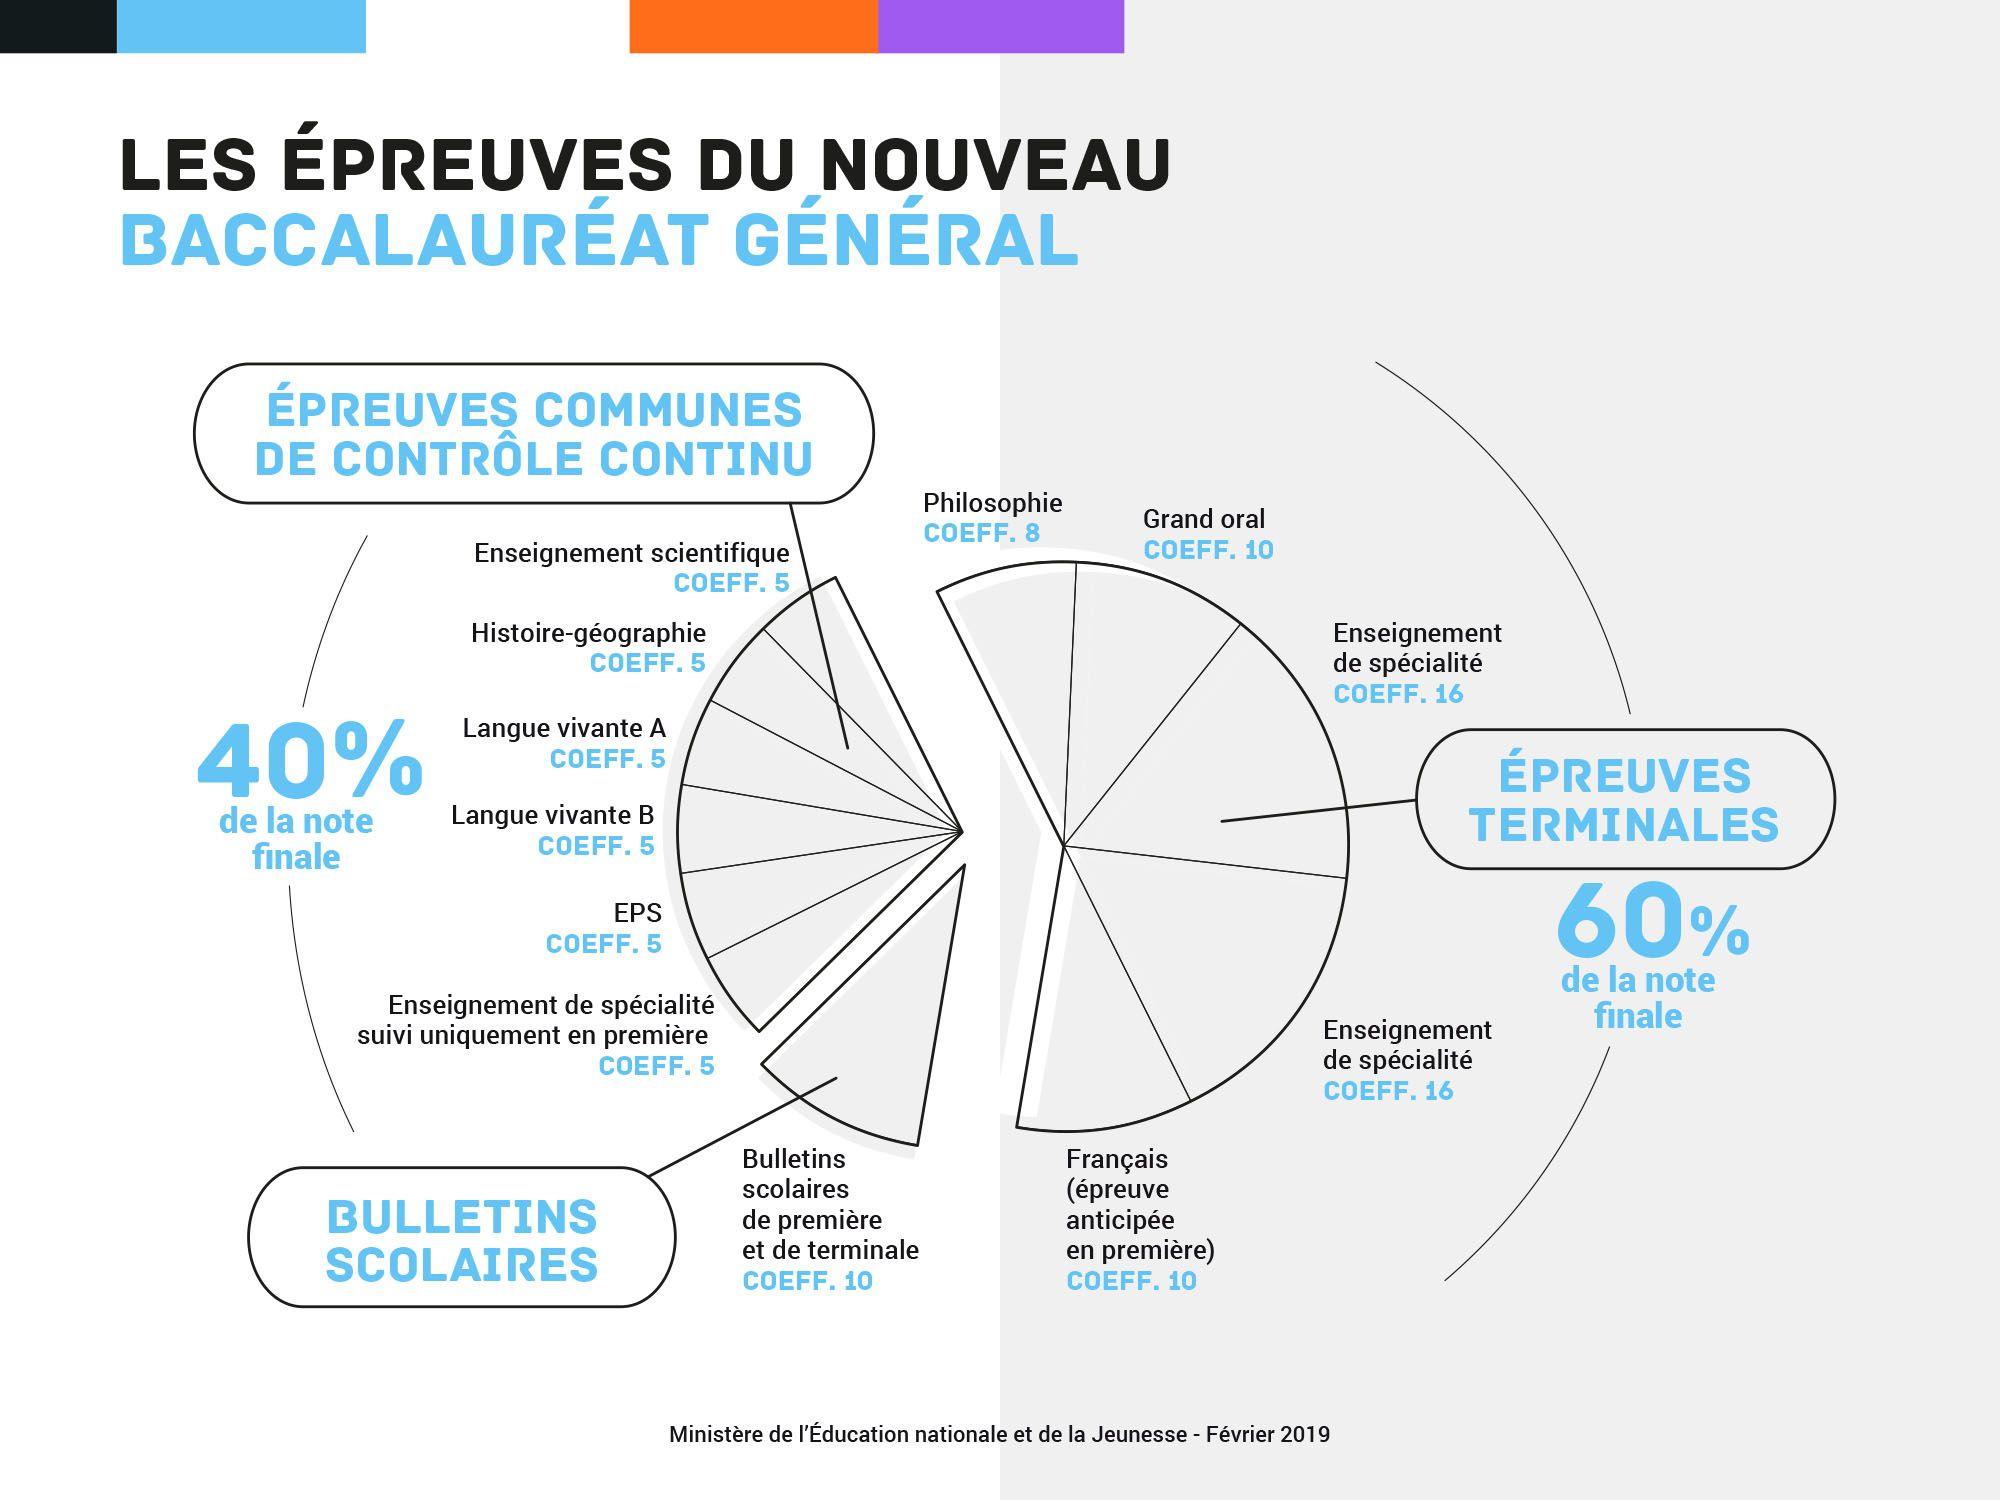 Les Epreuves Du Nouveau Baccalaureat General Epreuve Du Bac Baccalaureat Orientation Scolaire